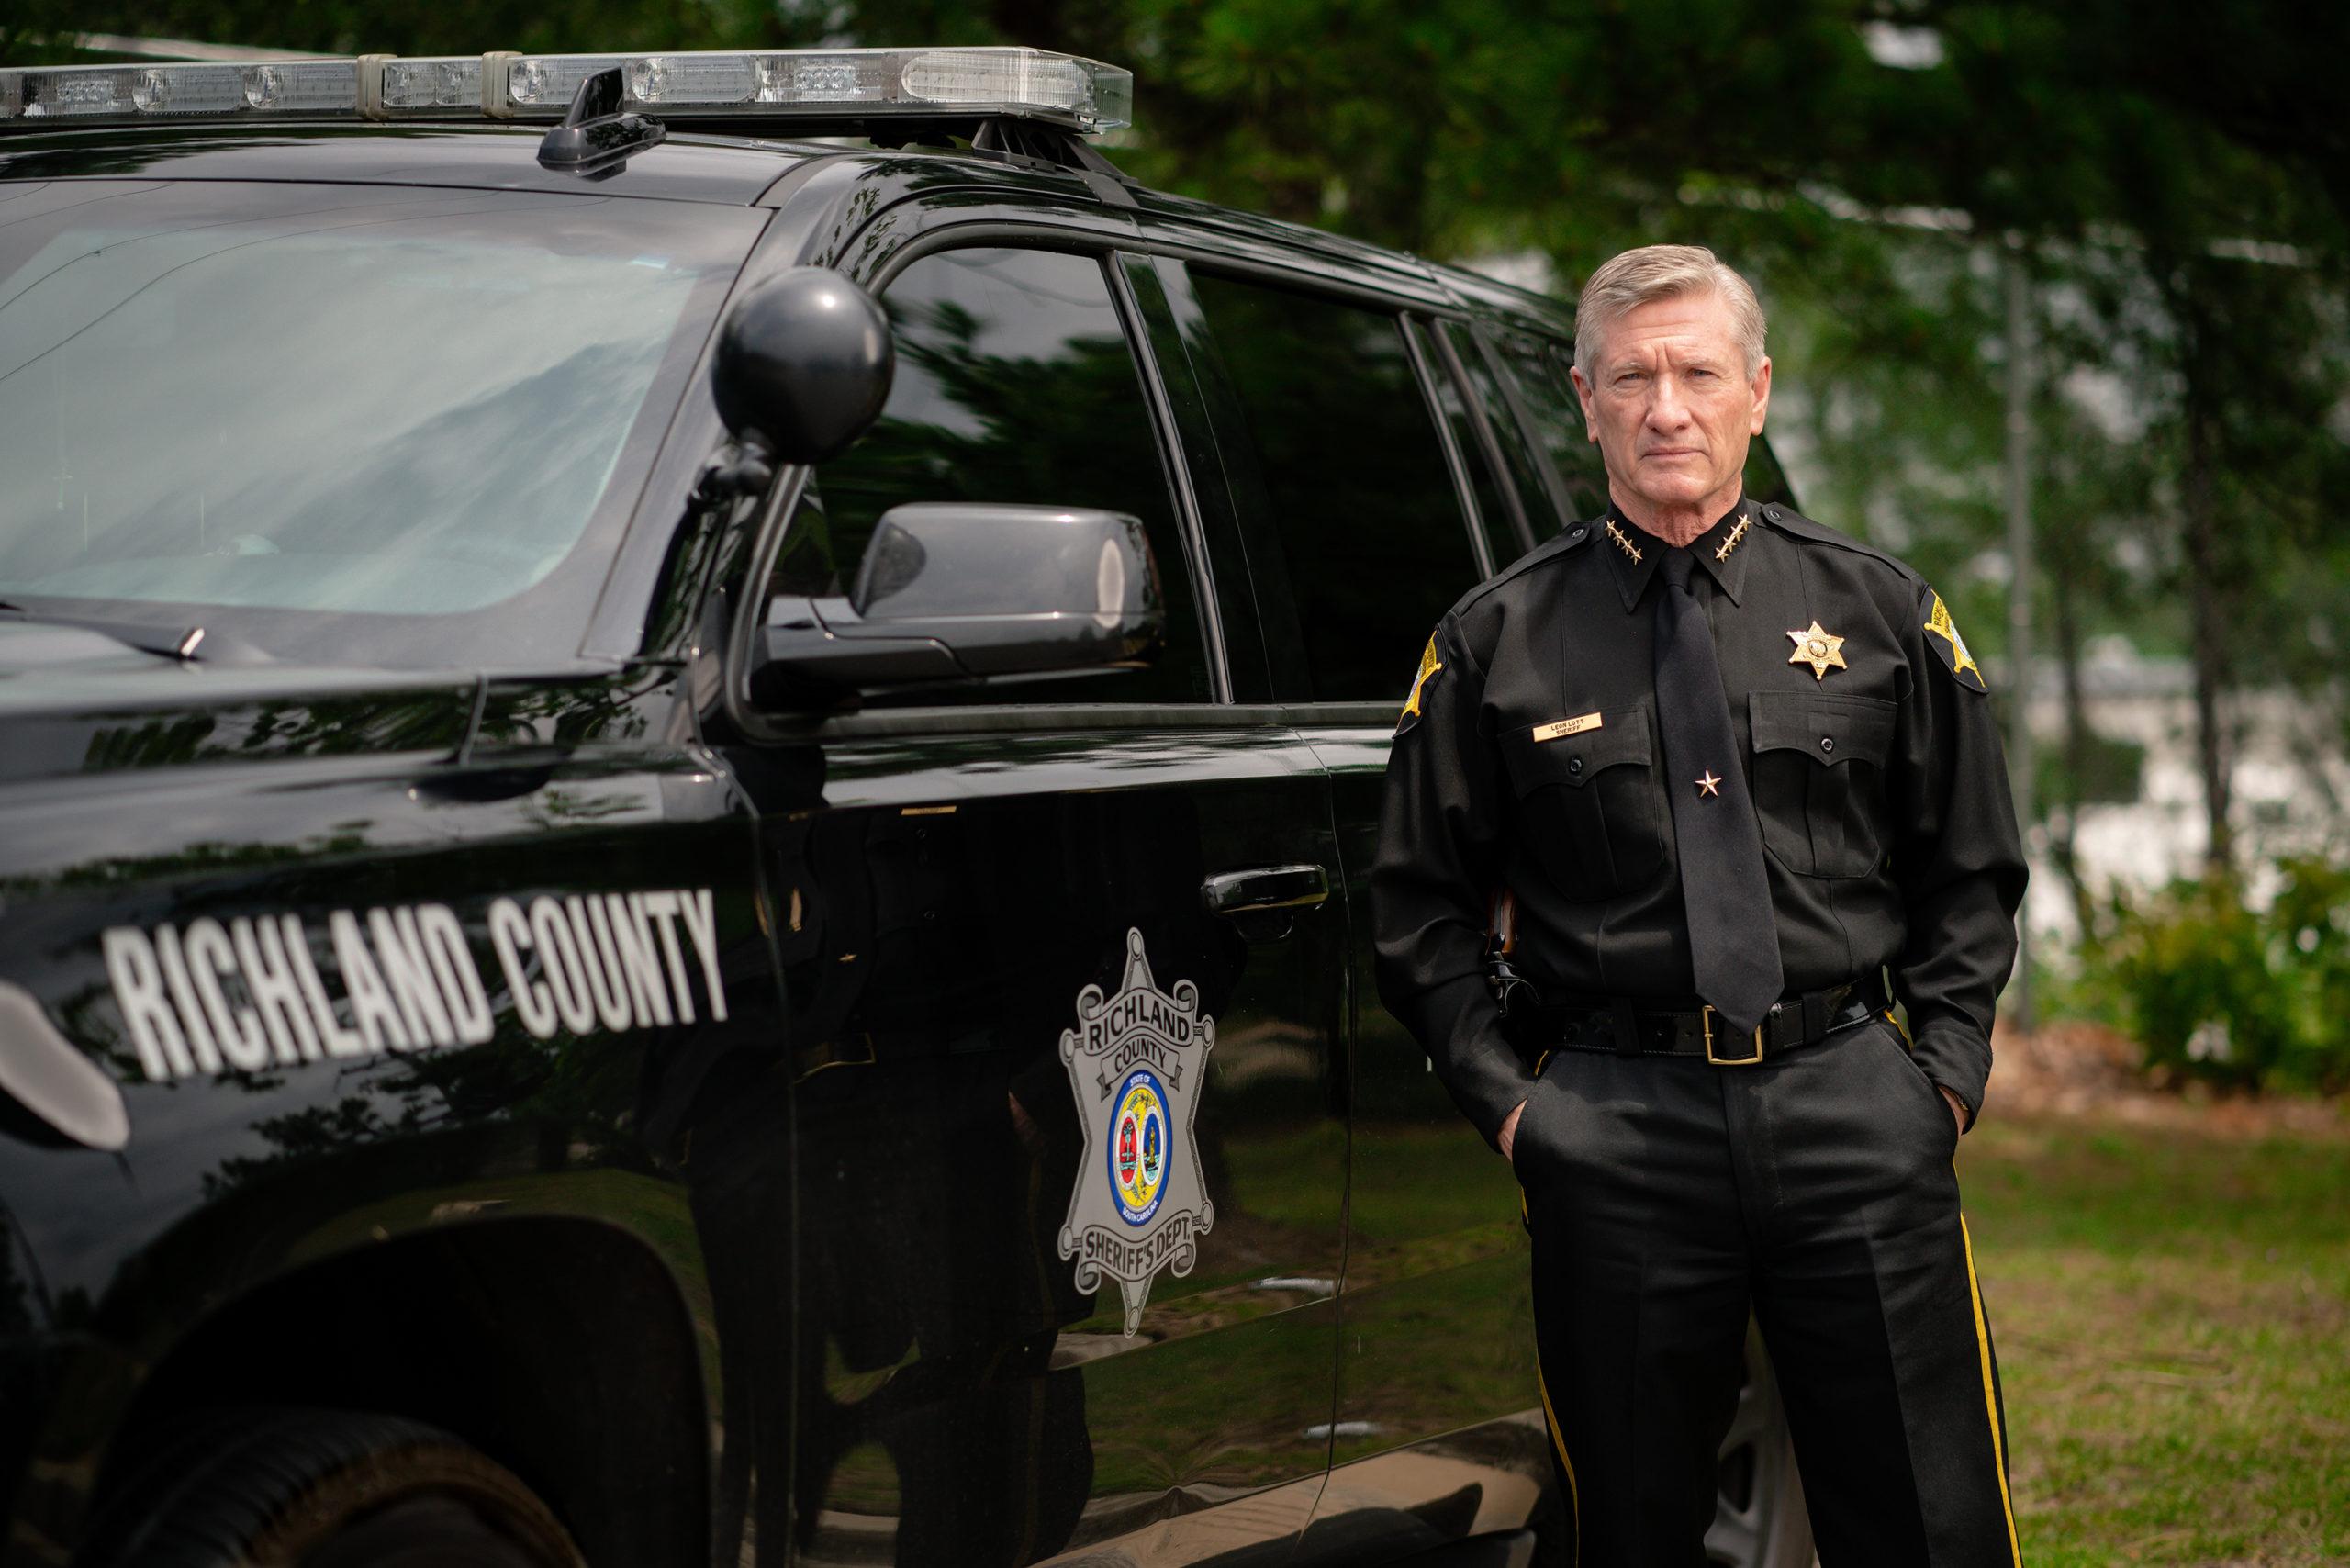 Sheriff Lott